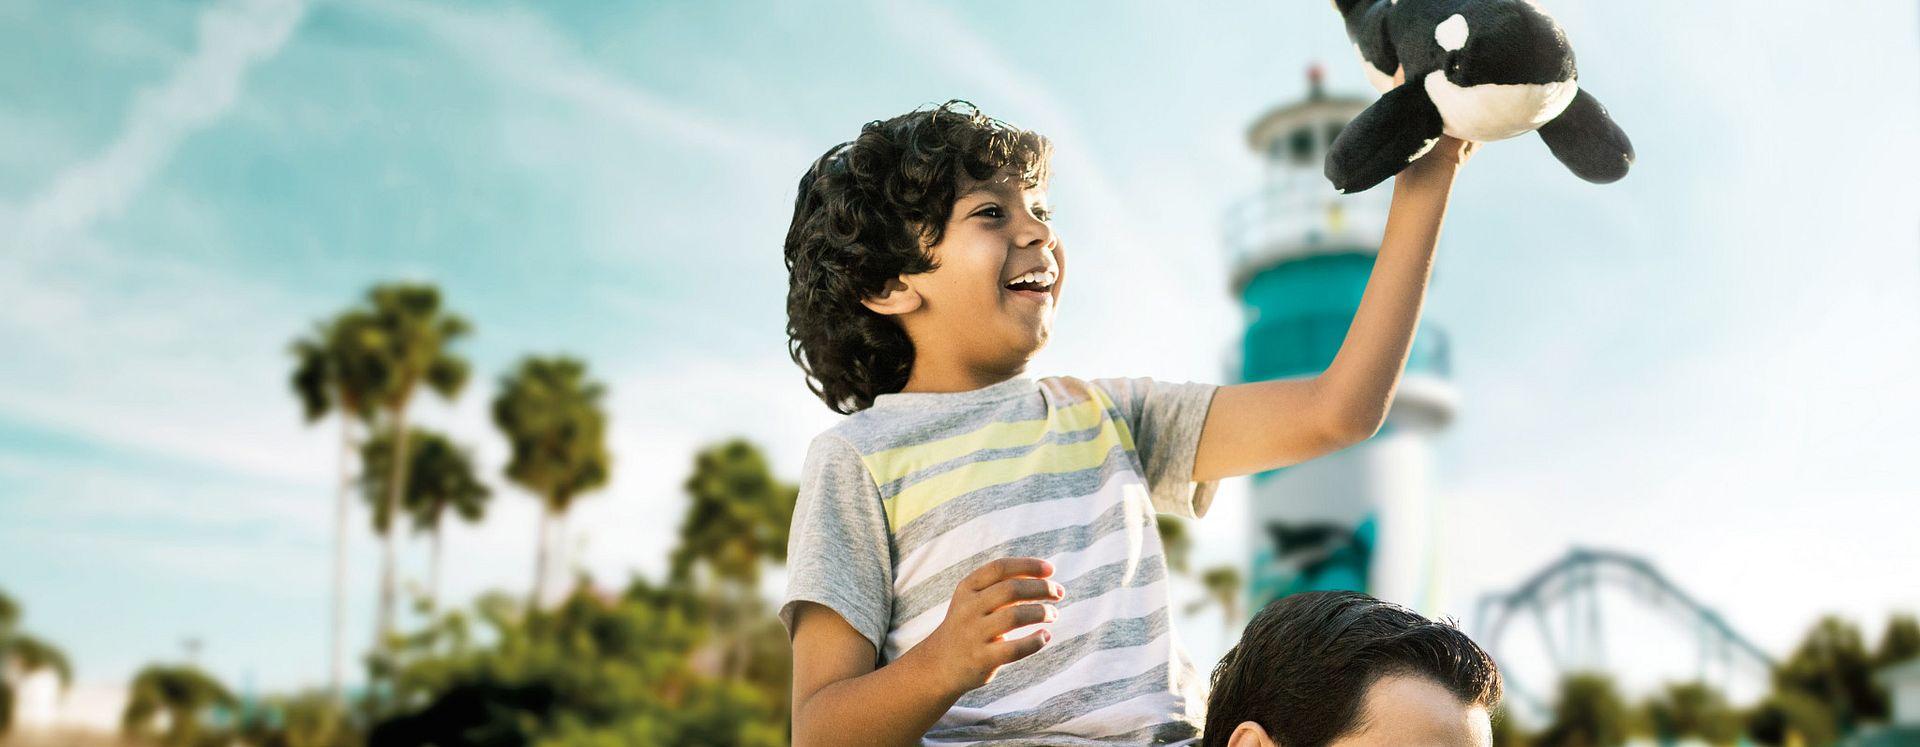 Criança brincando com um brinquedo da Shamu no SeaWorld